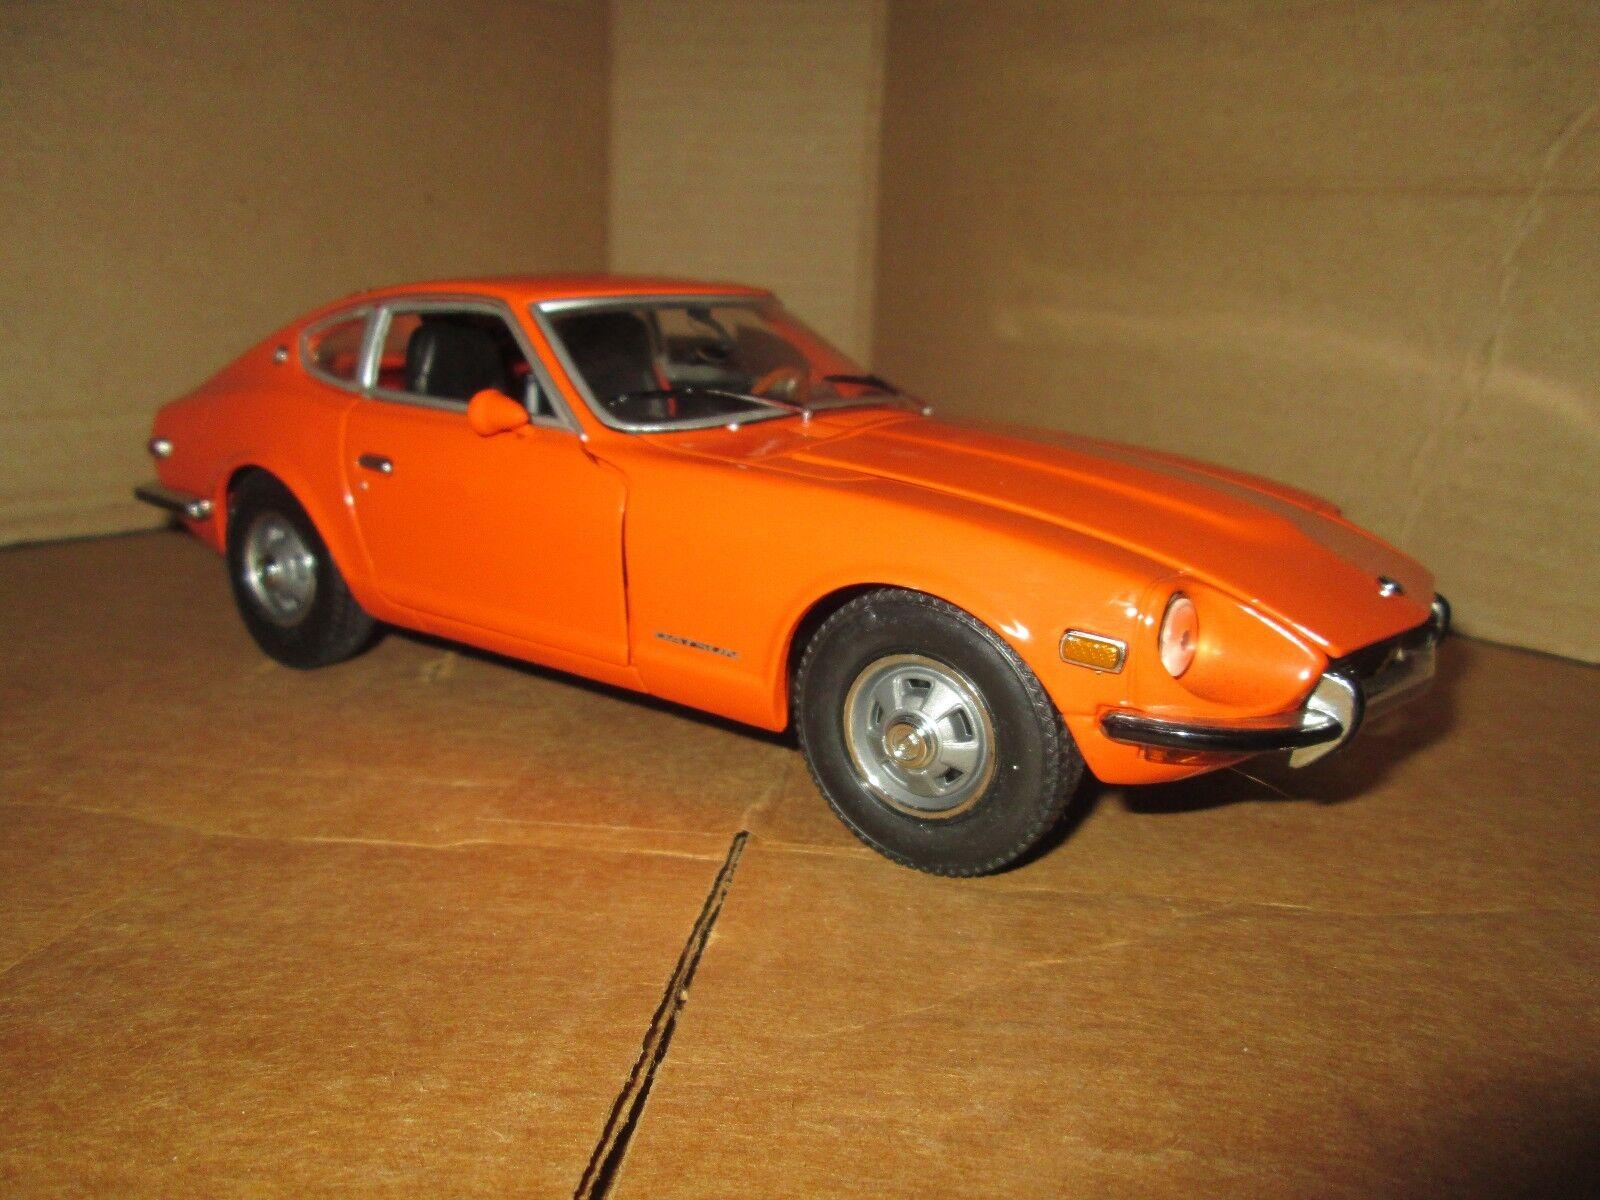 SUNSTAR 1 18 1971 DATSUN 240Z Orange 1 18 Diecast Voiture Modèle Nice détails loose